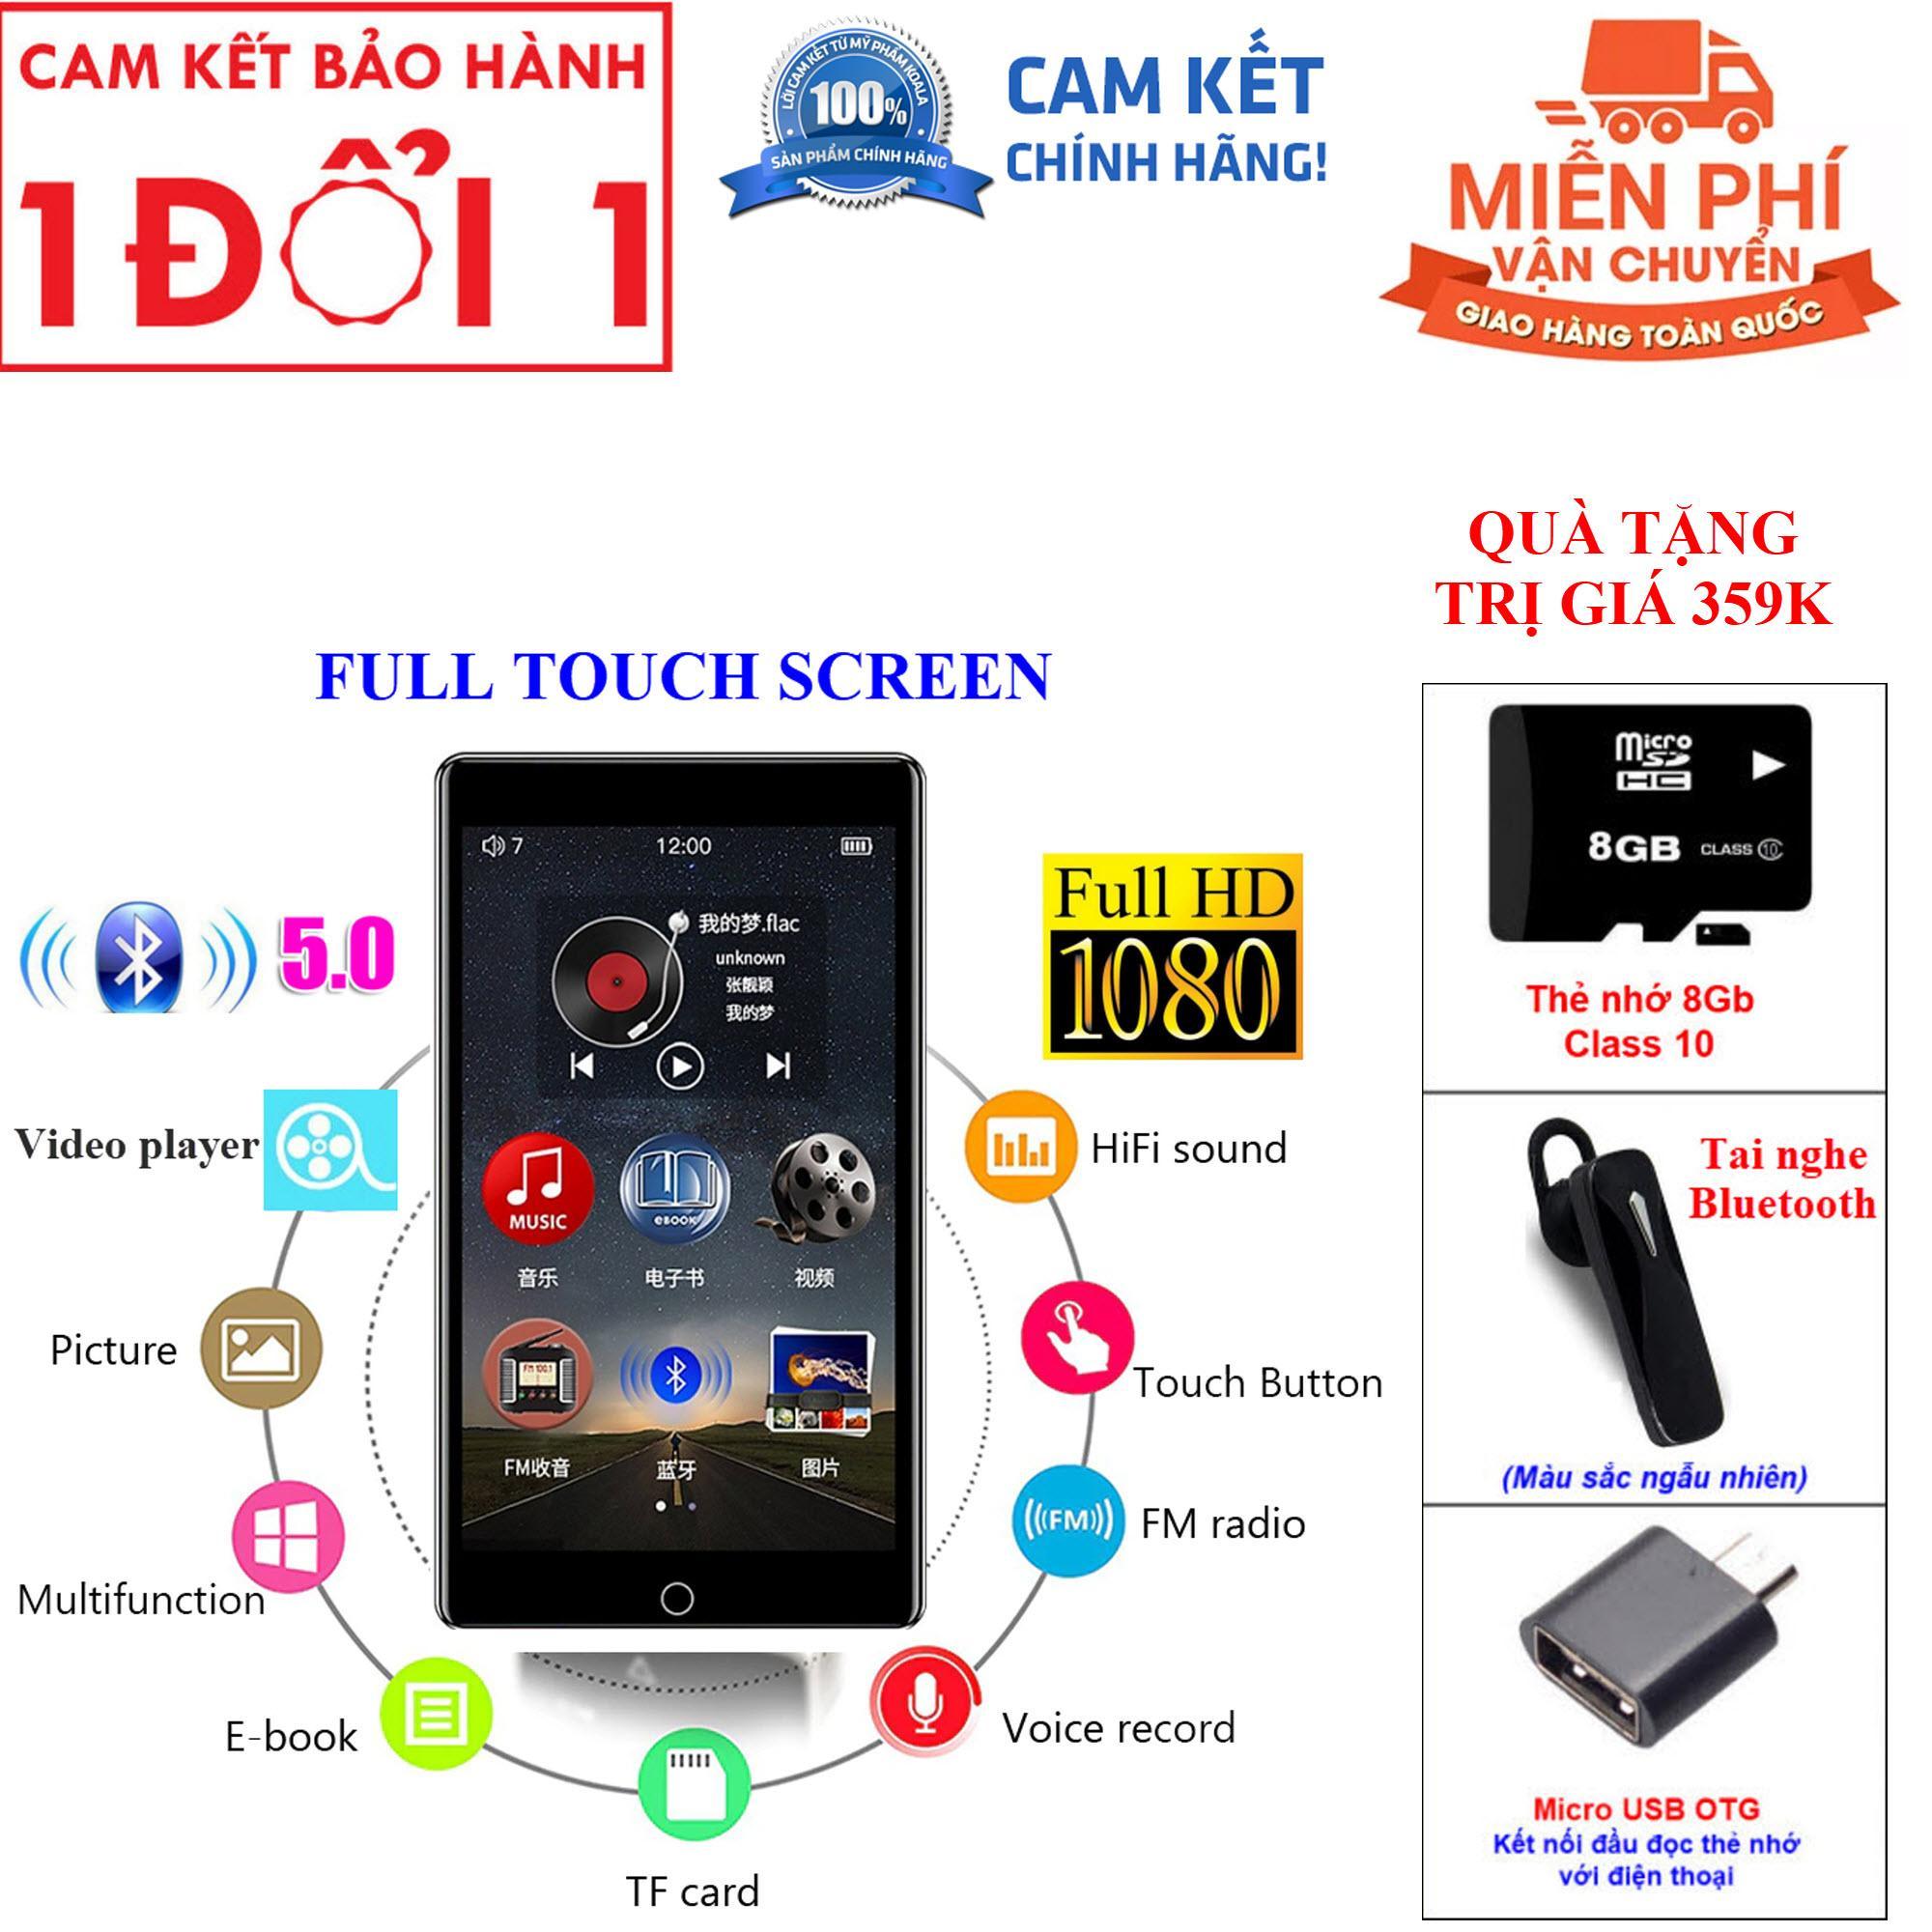 Quà Tặng Trị Giá 359K - Máy Nghe Nhạc Lossless MP3 MP4 Bluetooth Màn Hình Cảm Ứng 3 inch Ruizu H1 Bộ Nhớ Trong 8GB Cao Cấp - Máy nghe nhạc MP3 RUIZU H1 Màn hình cảm ứng Kết nối Bluetooth Dung lượng 8GB Thu âm Nghe ebook